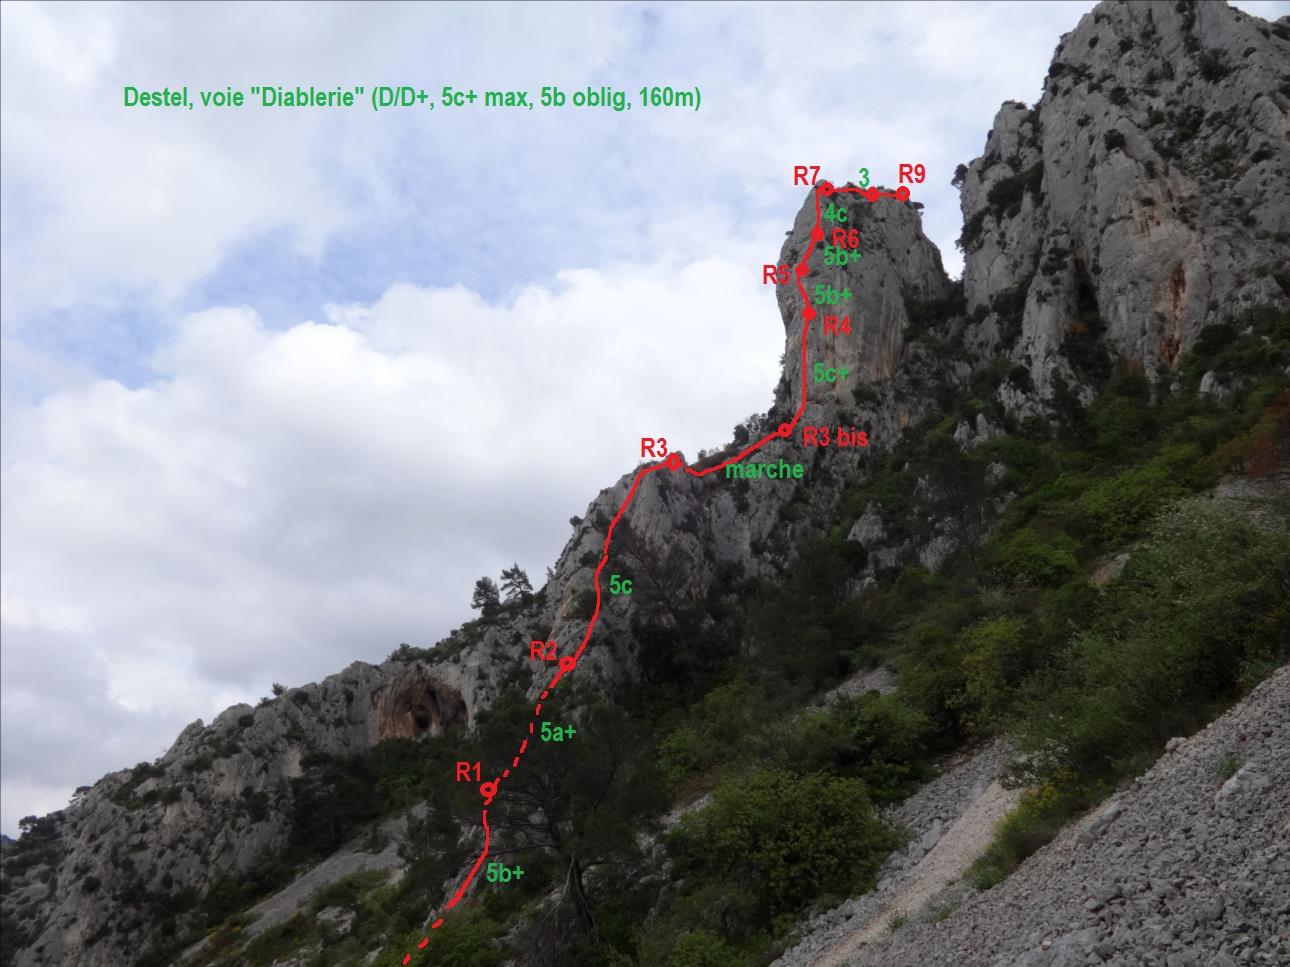 Gorges du Destel vers Toulon, voie `Diablerie`